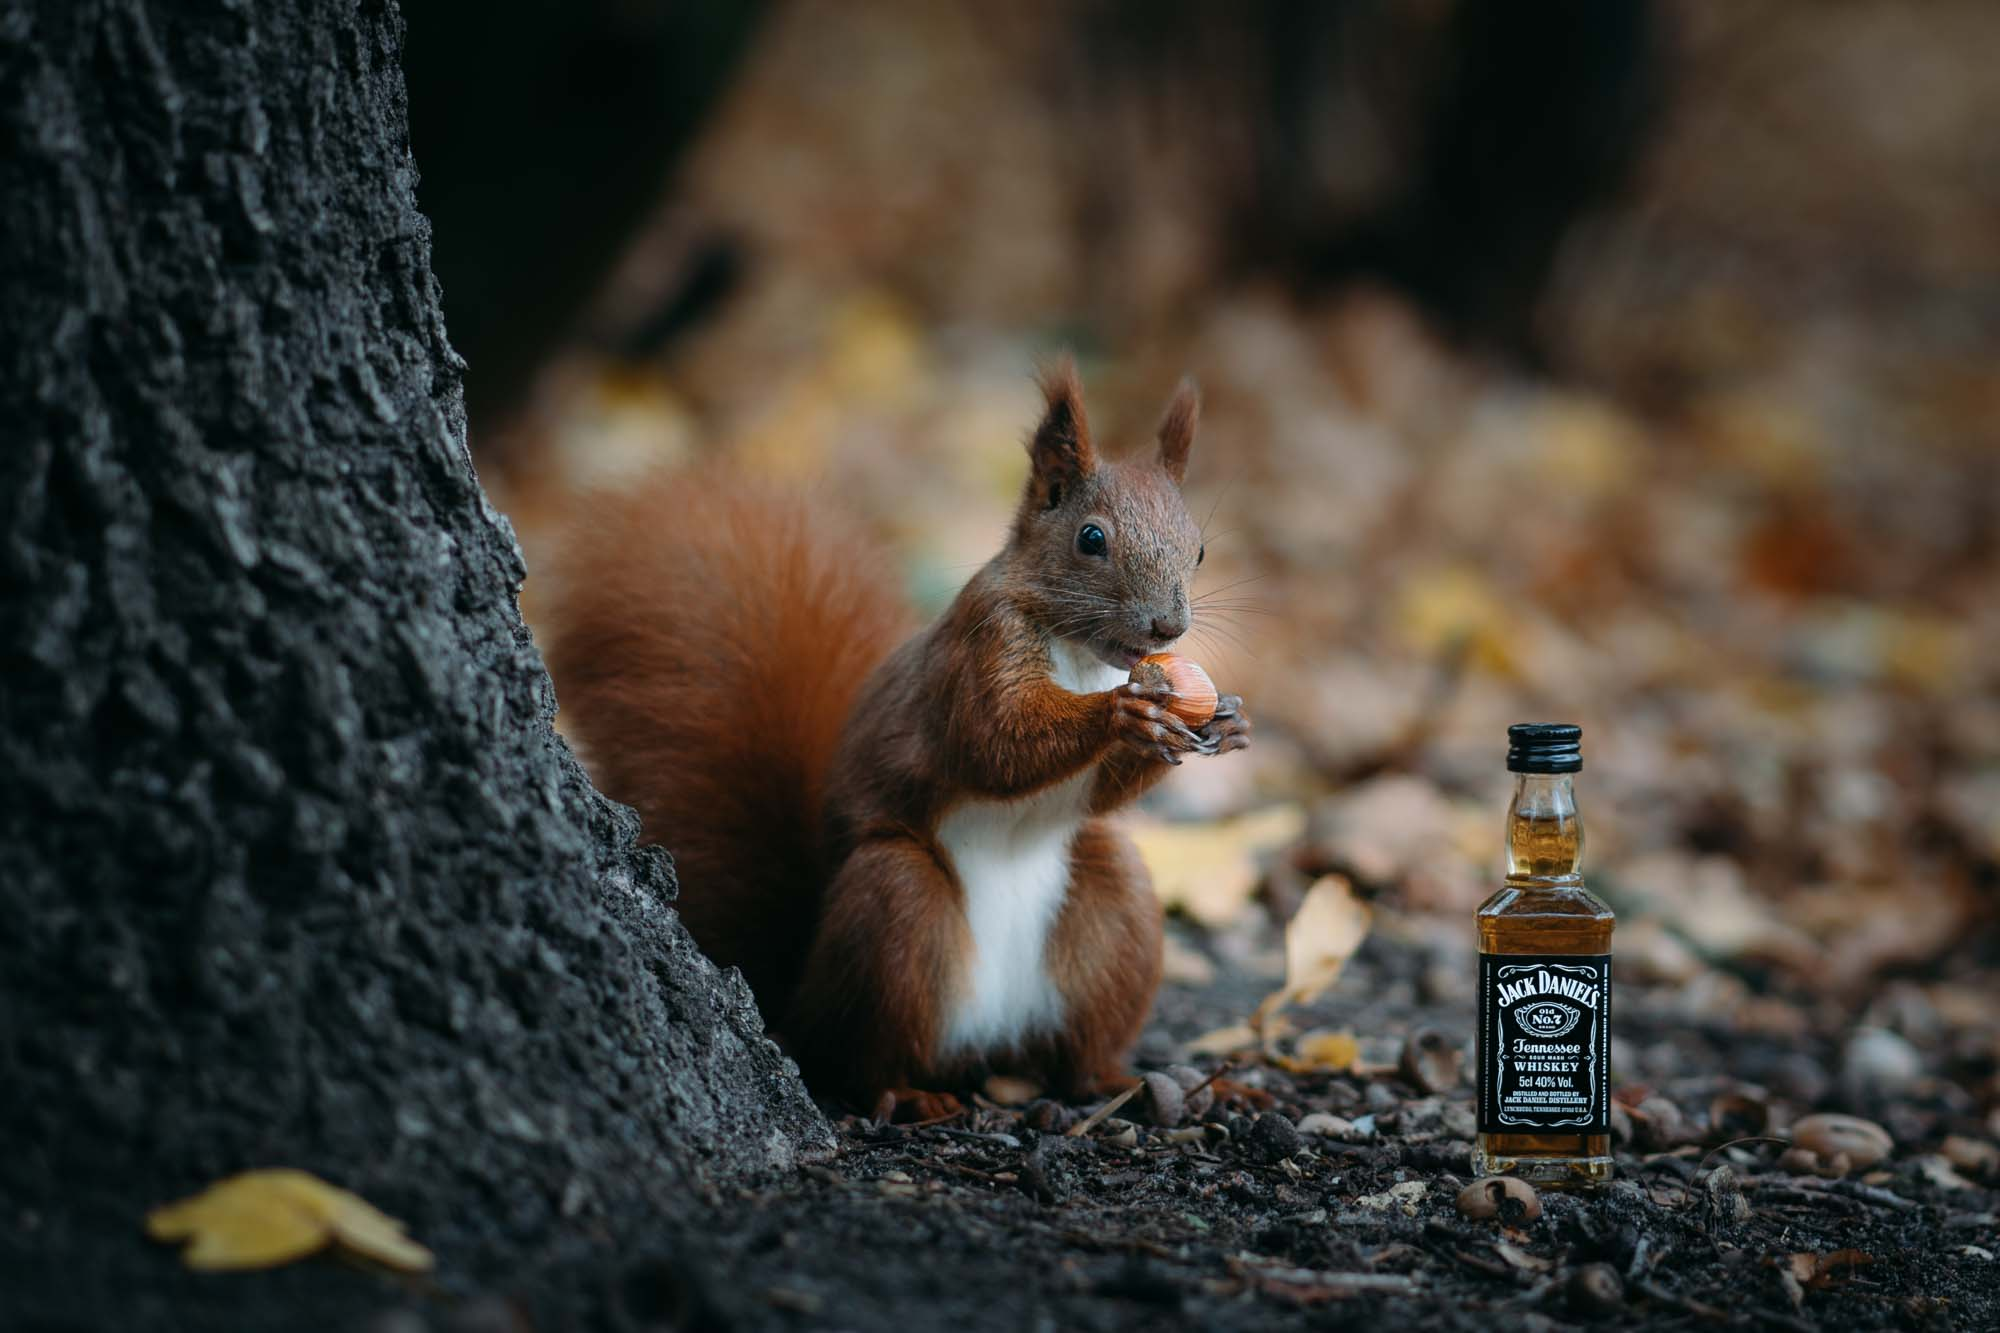 brotherside-jackdaniels-squirrel-1-3.jpg